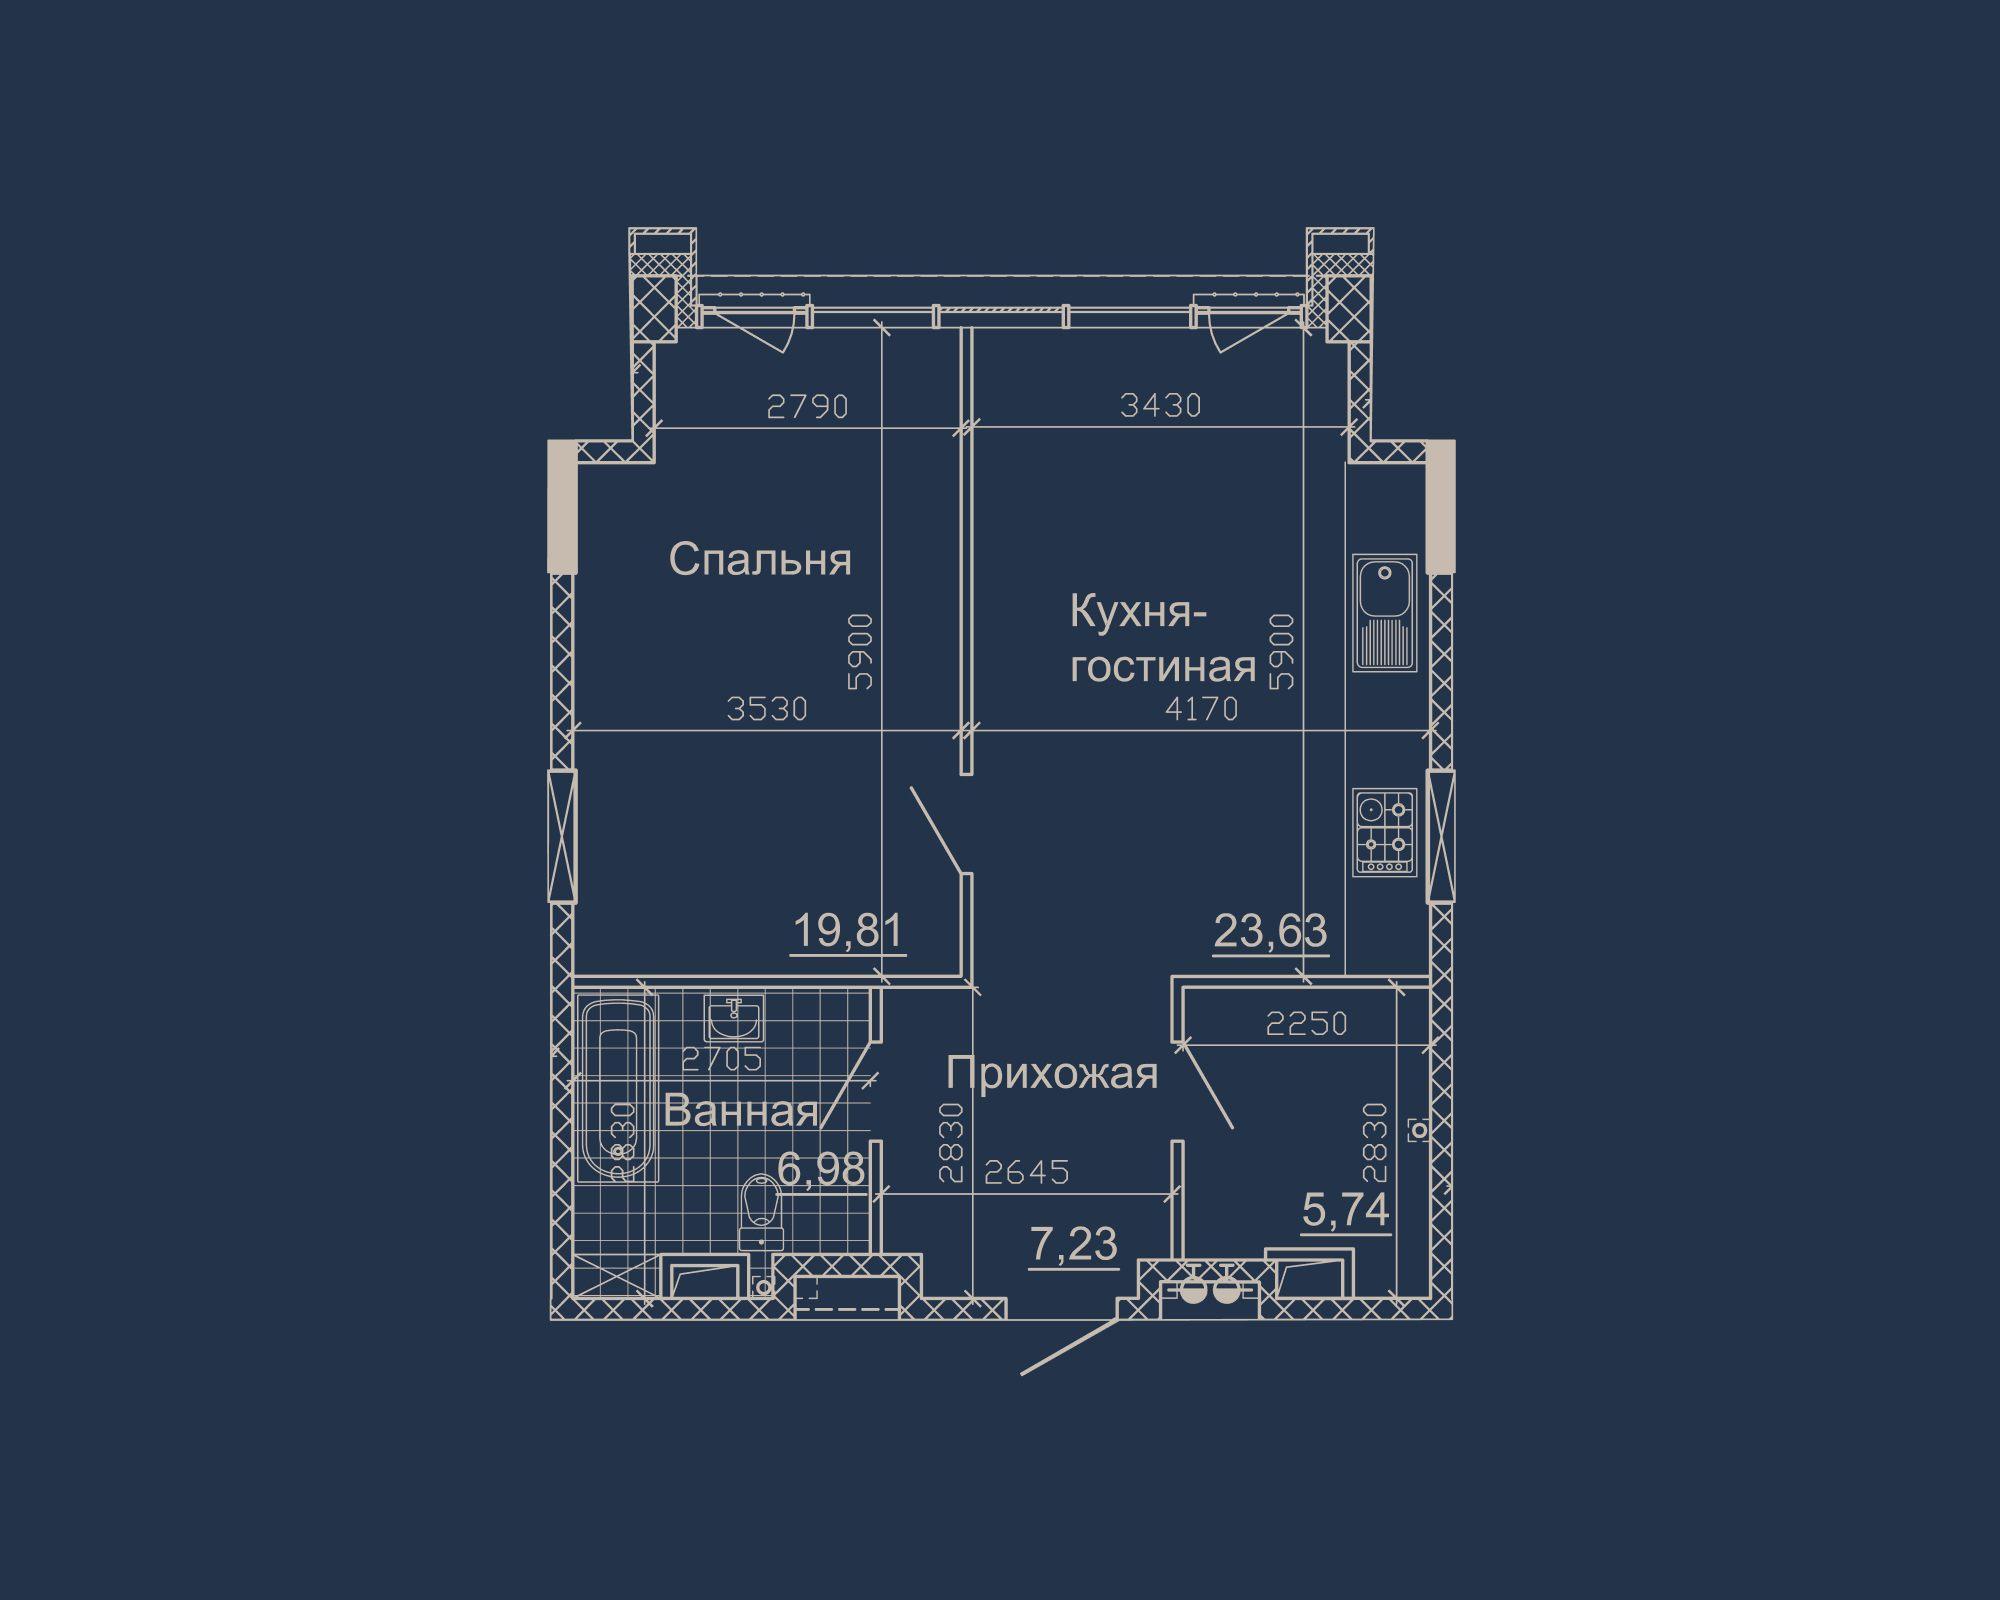 1-кімнатна квартира типу 02Б у ЖК Nebo